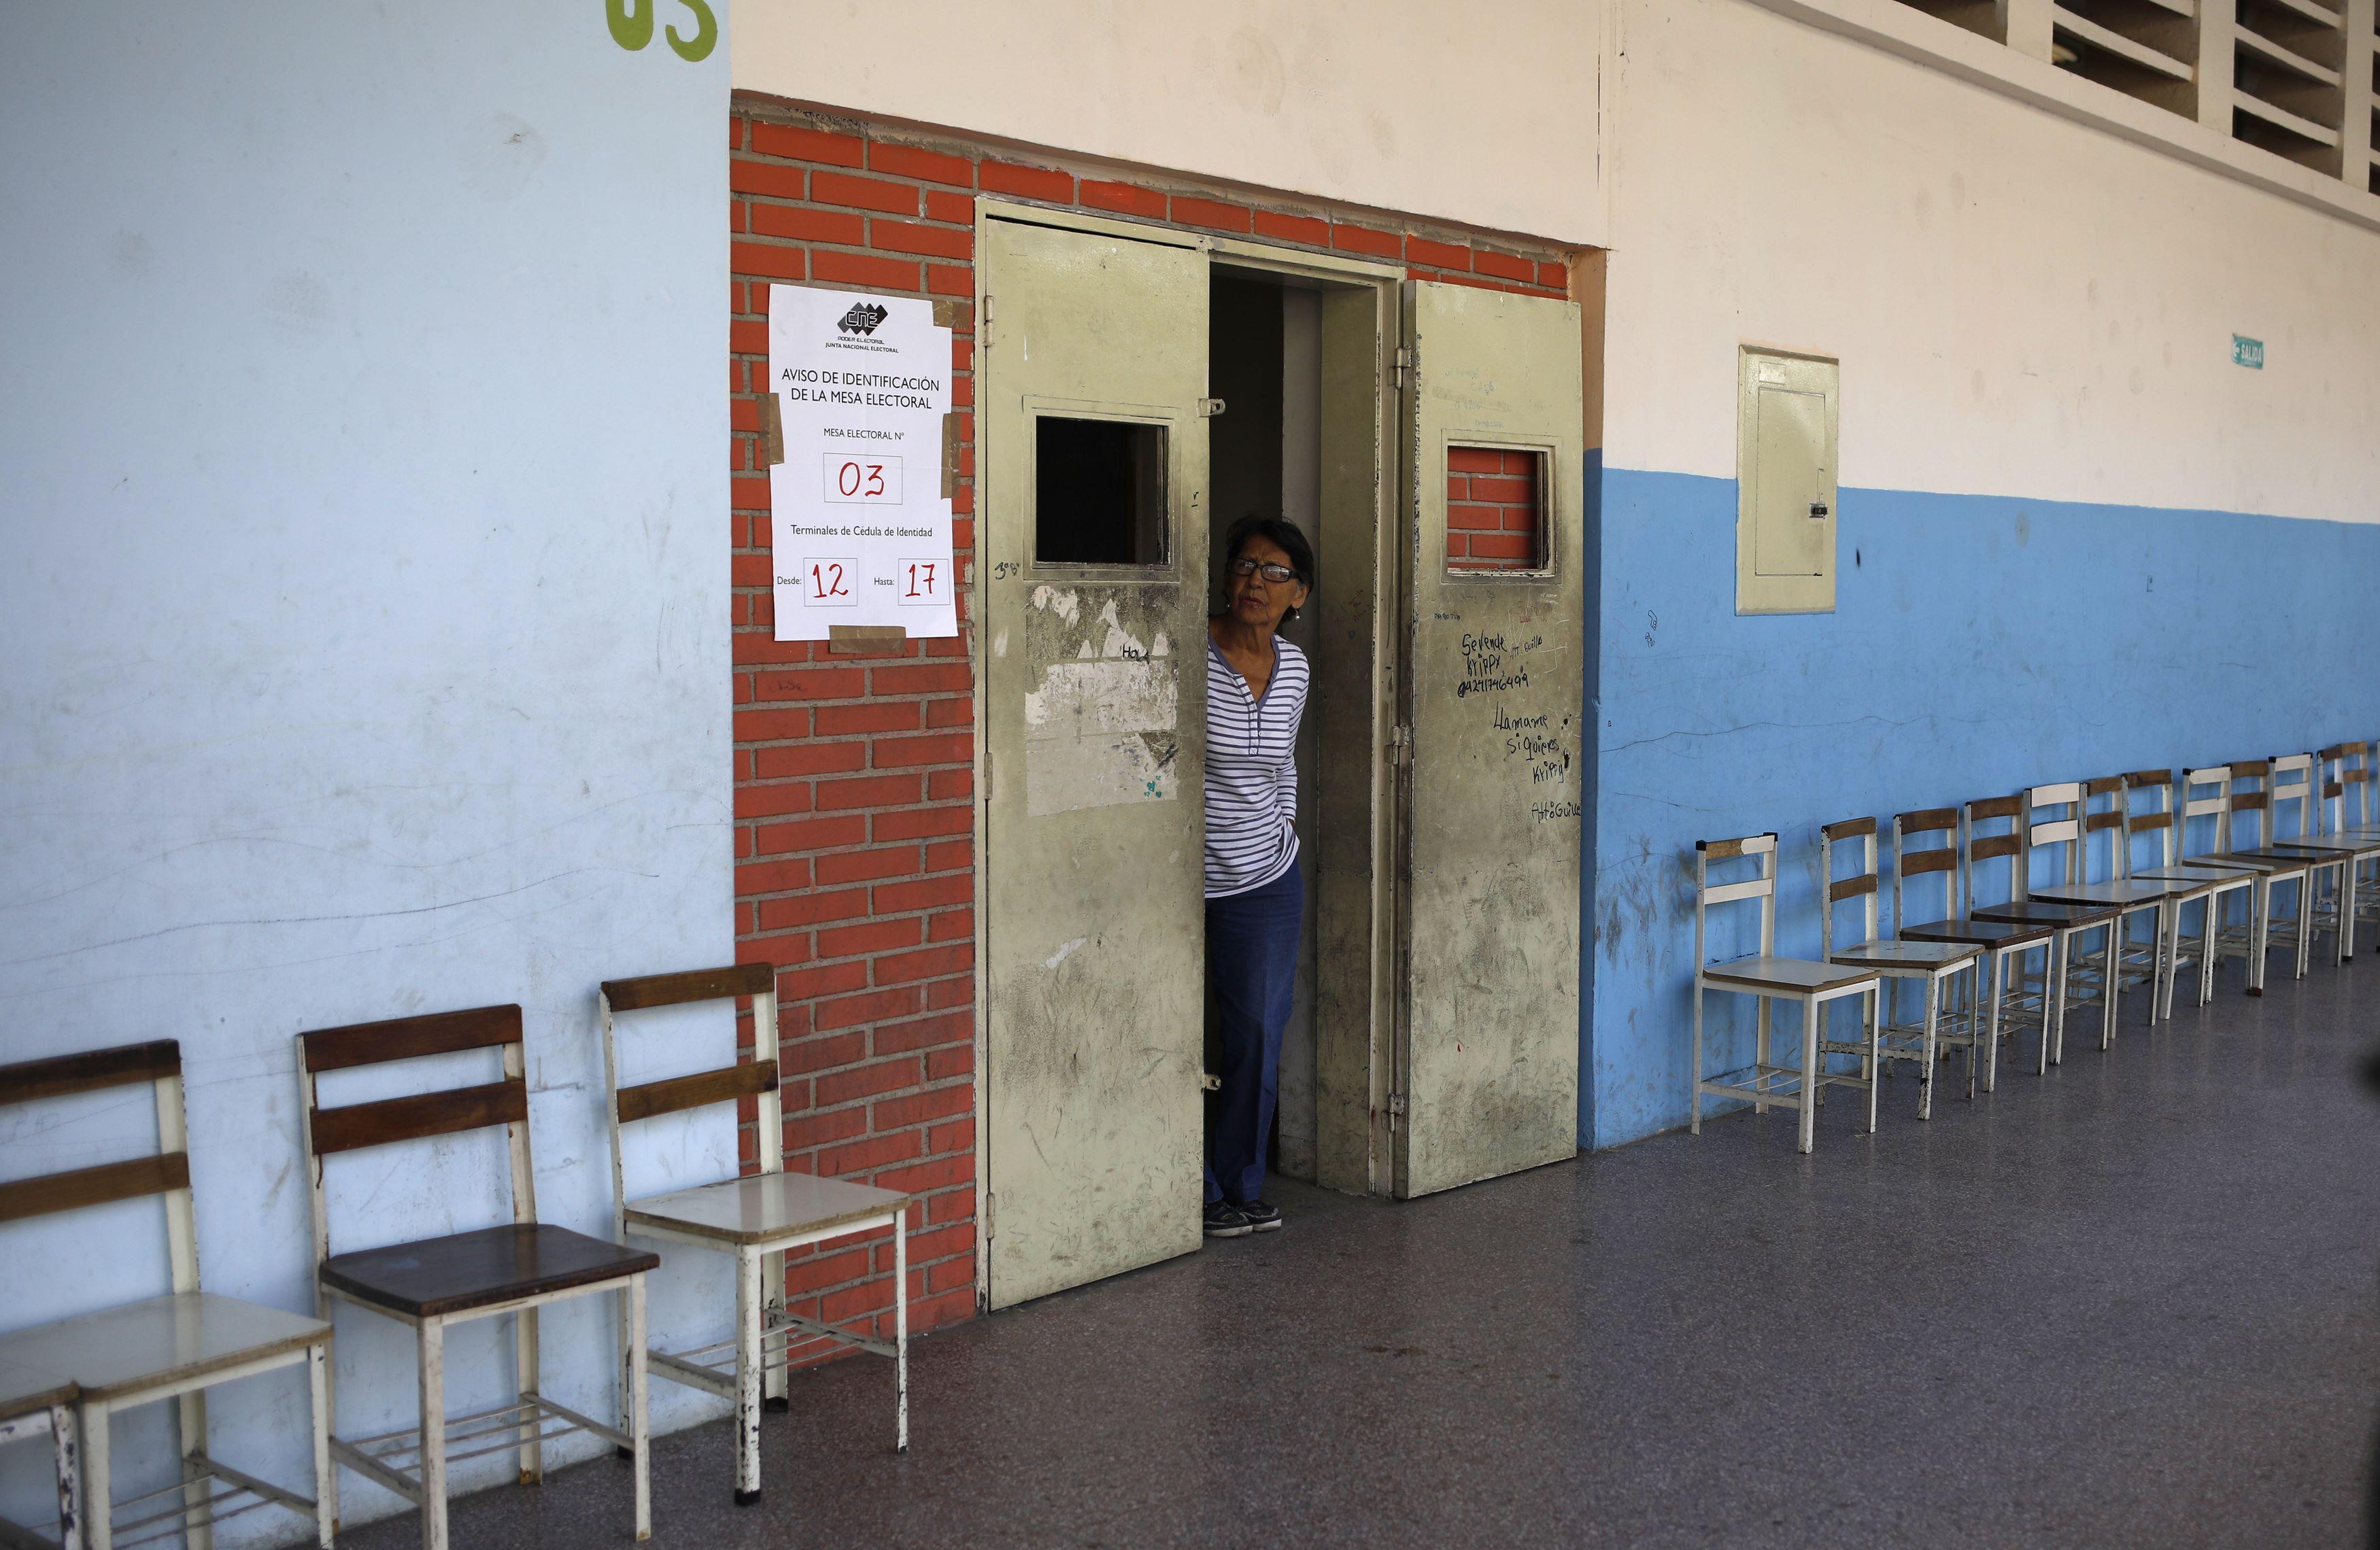 Una mujer se asoma para ver si algún votante se acerca a la mesa